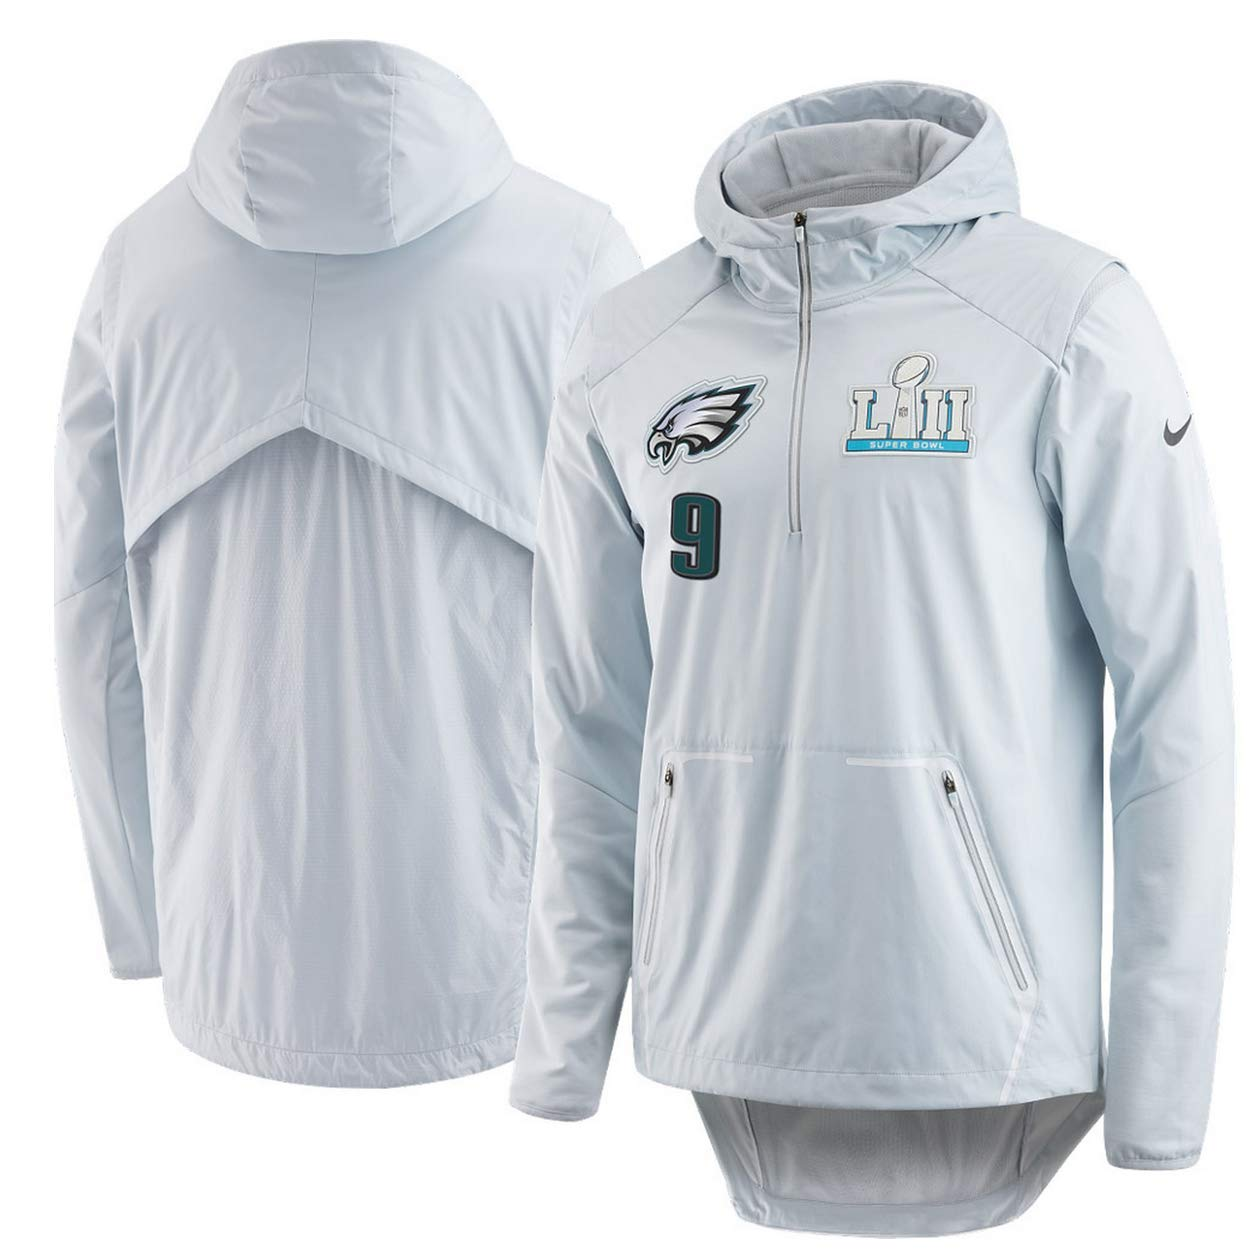 quality design 37268 29ce2 Amazon.com : Nick Foles Philadelphia Eagles Super Bowl 52 ...